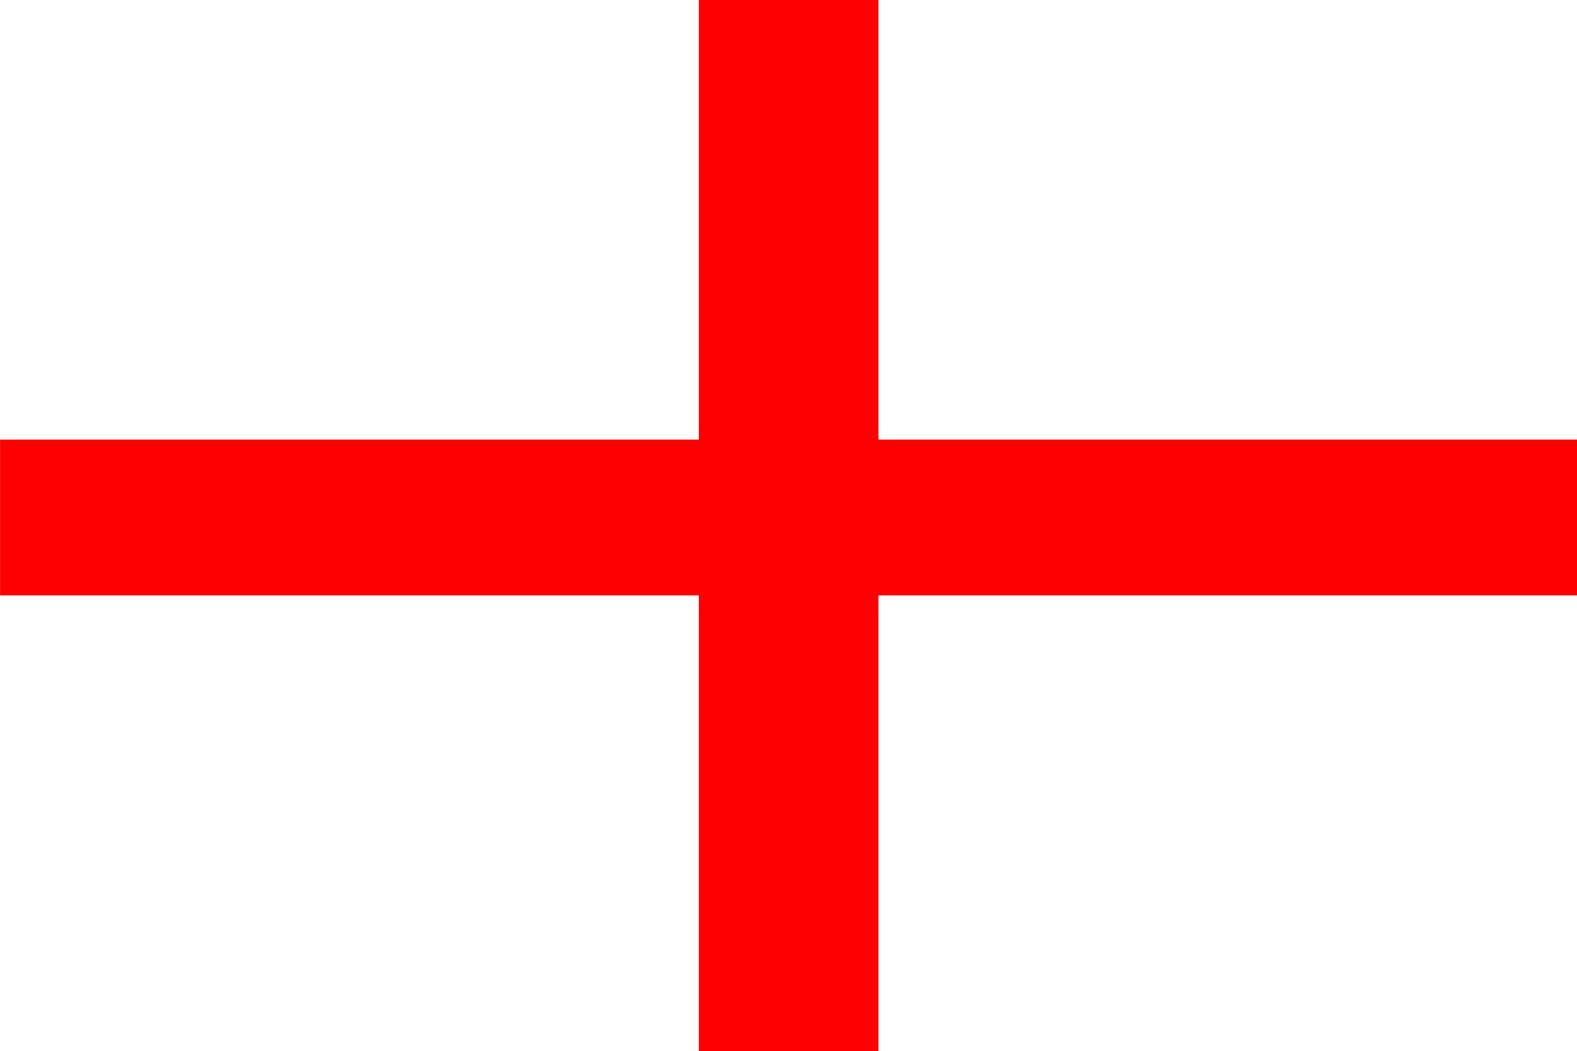 http://3.bp.blogspot.com/_yjuZcyldH6w/TB_ZfPUN3xI/AAAAAAAAAqs/n9eypQKH4hU/s1600/england%2Bflag.jpg